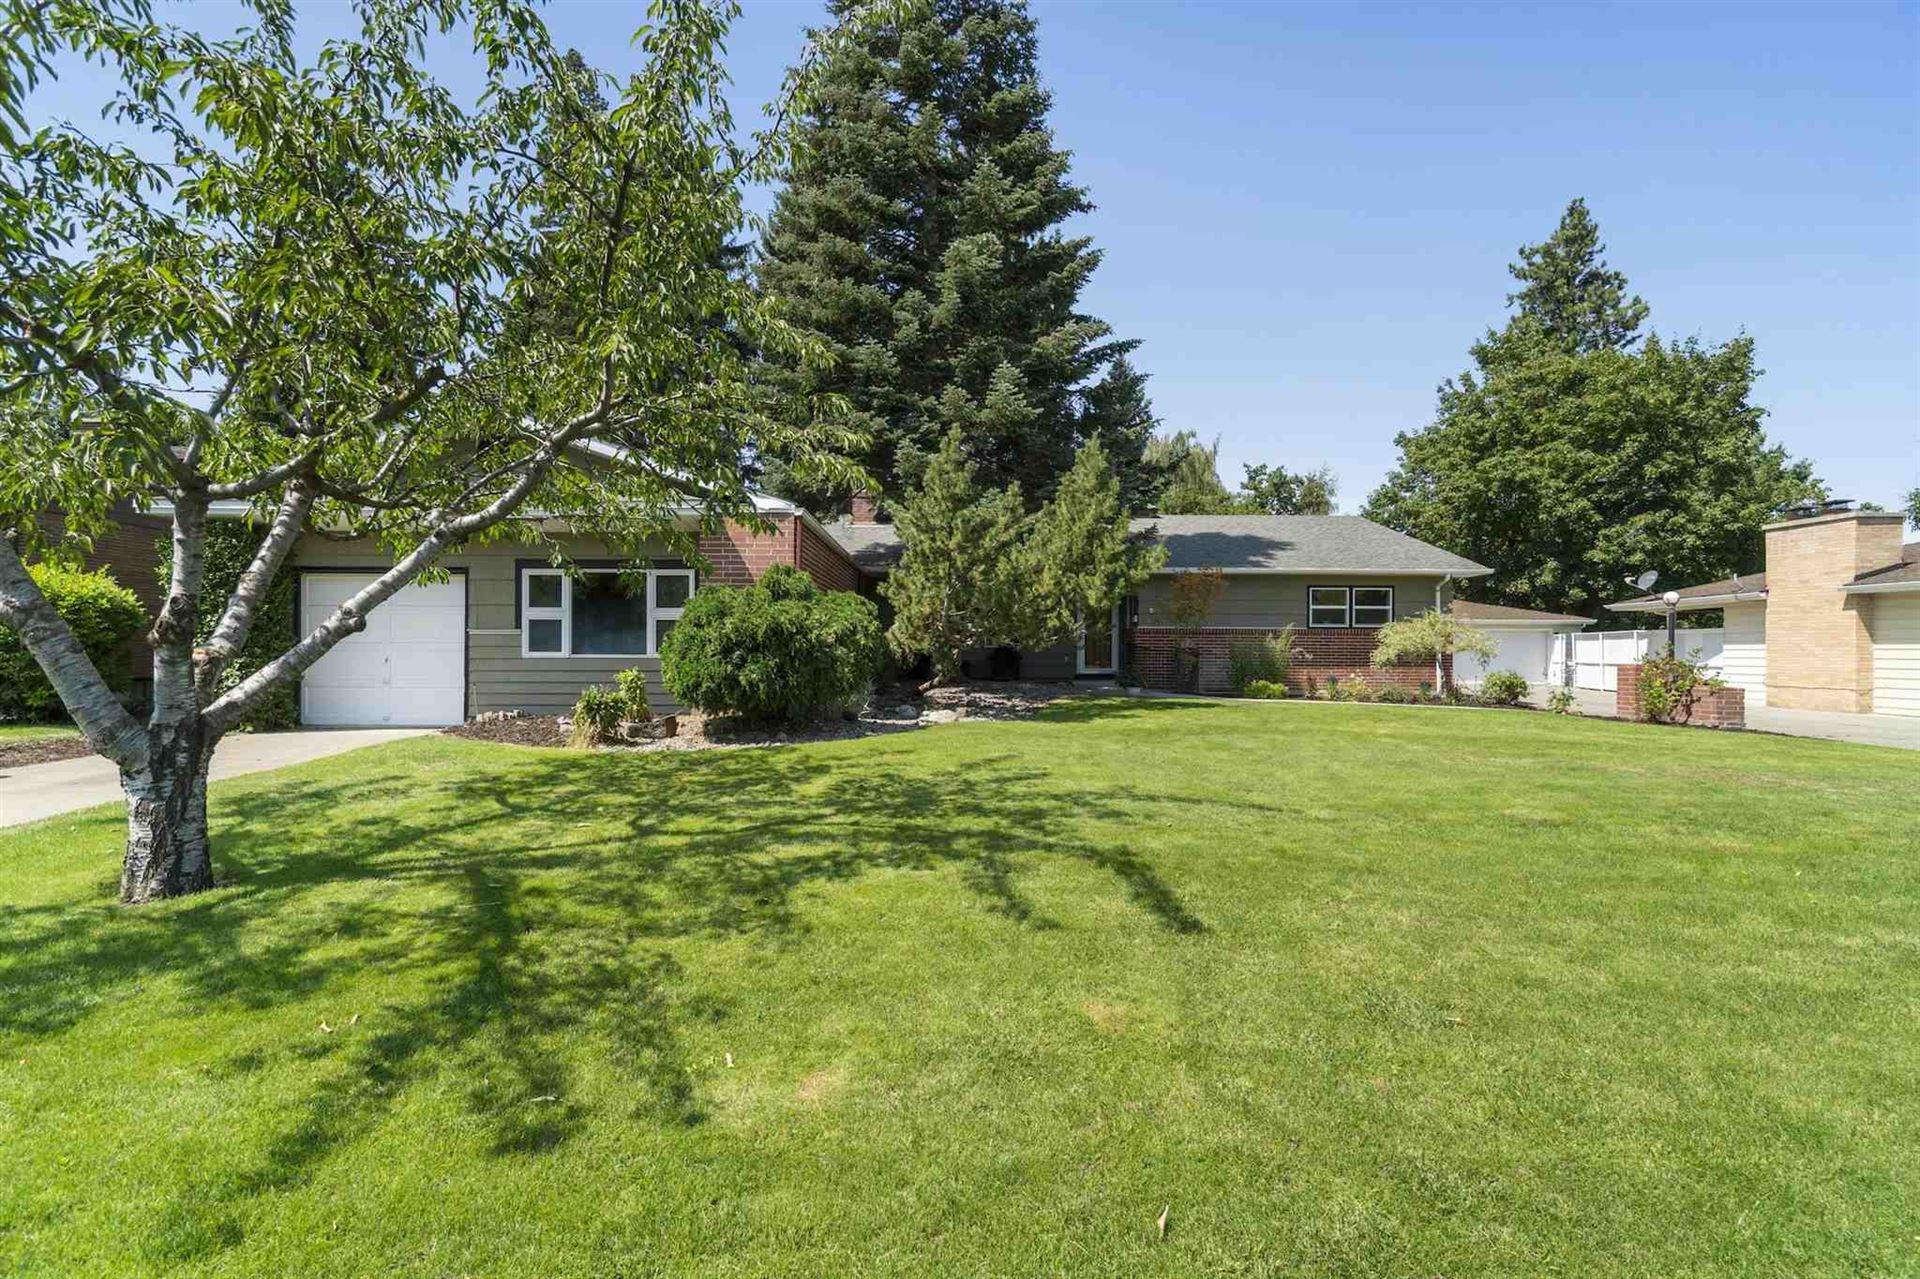 3724 S Skyview Dr, Spokane, WA 99203 - #: 202119810